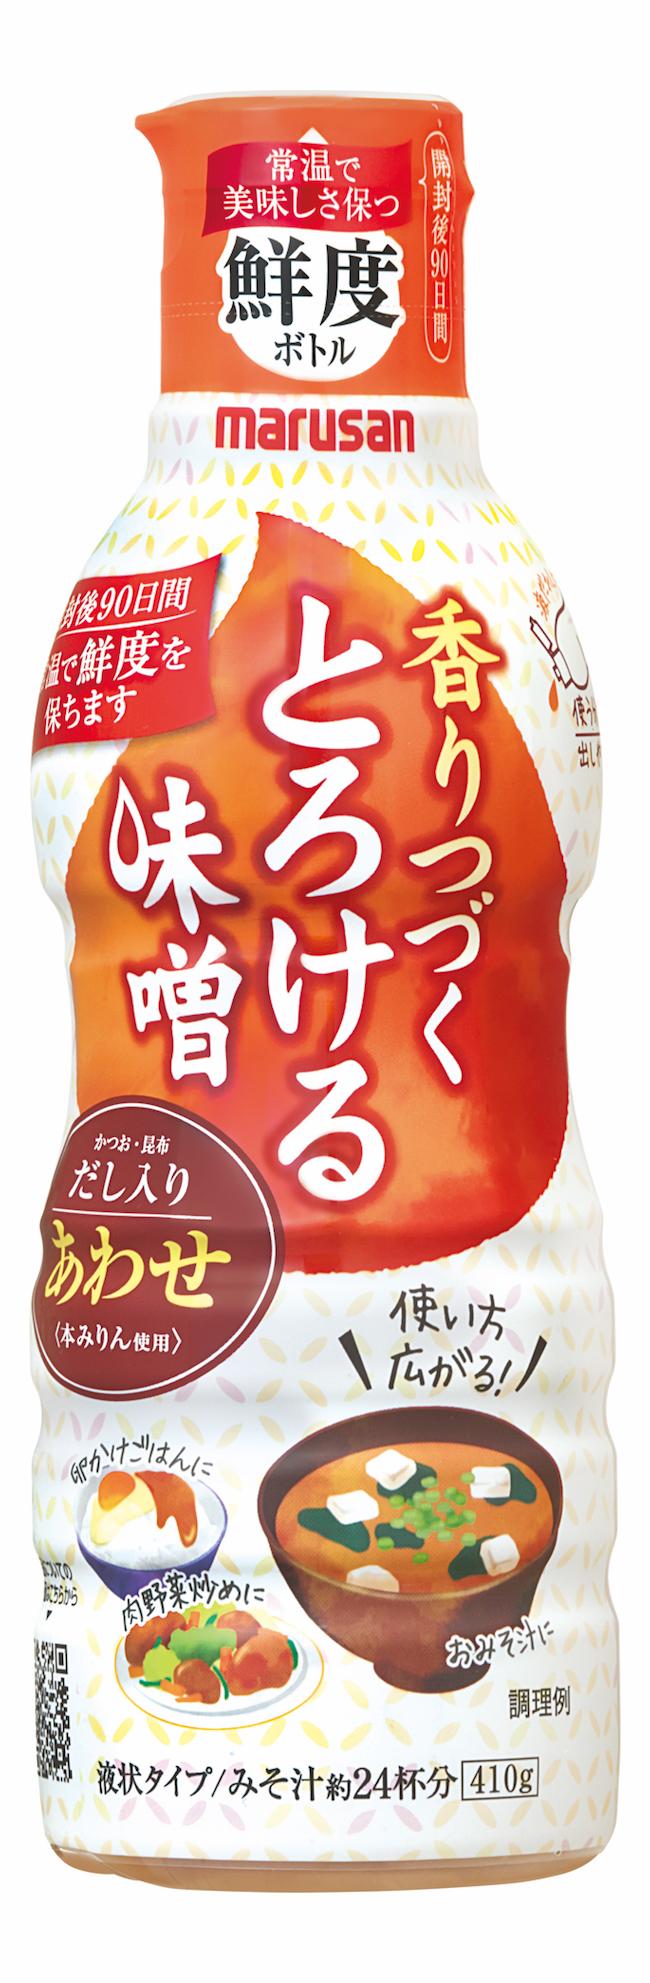 8_香りつづくとろける味噌あわせ410g